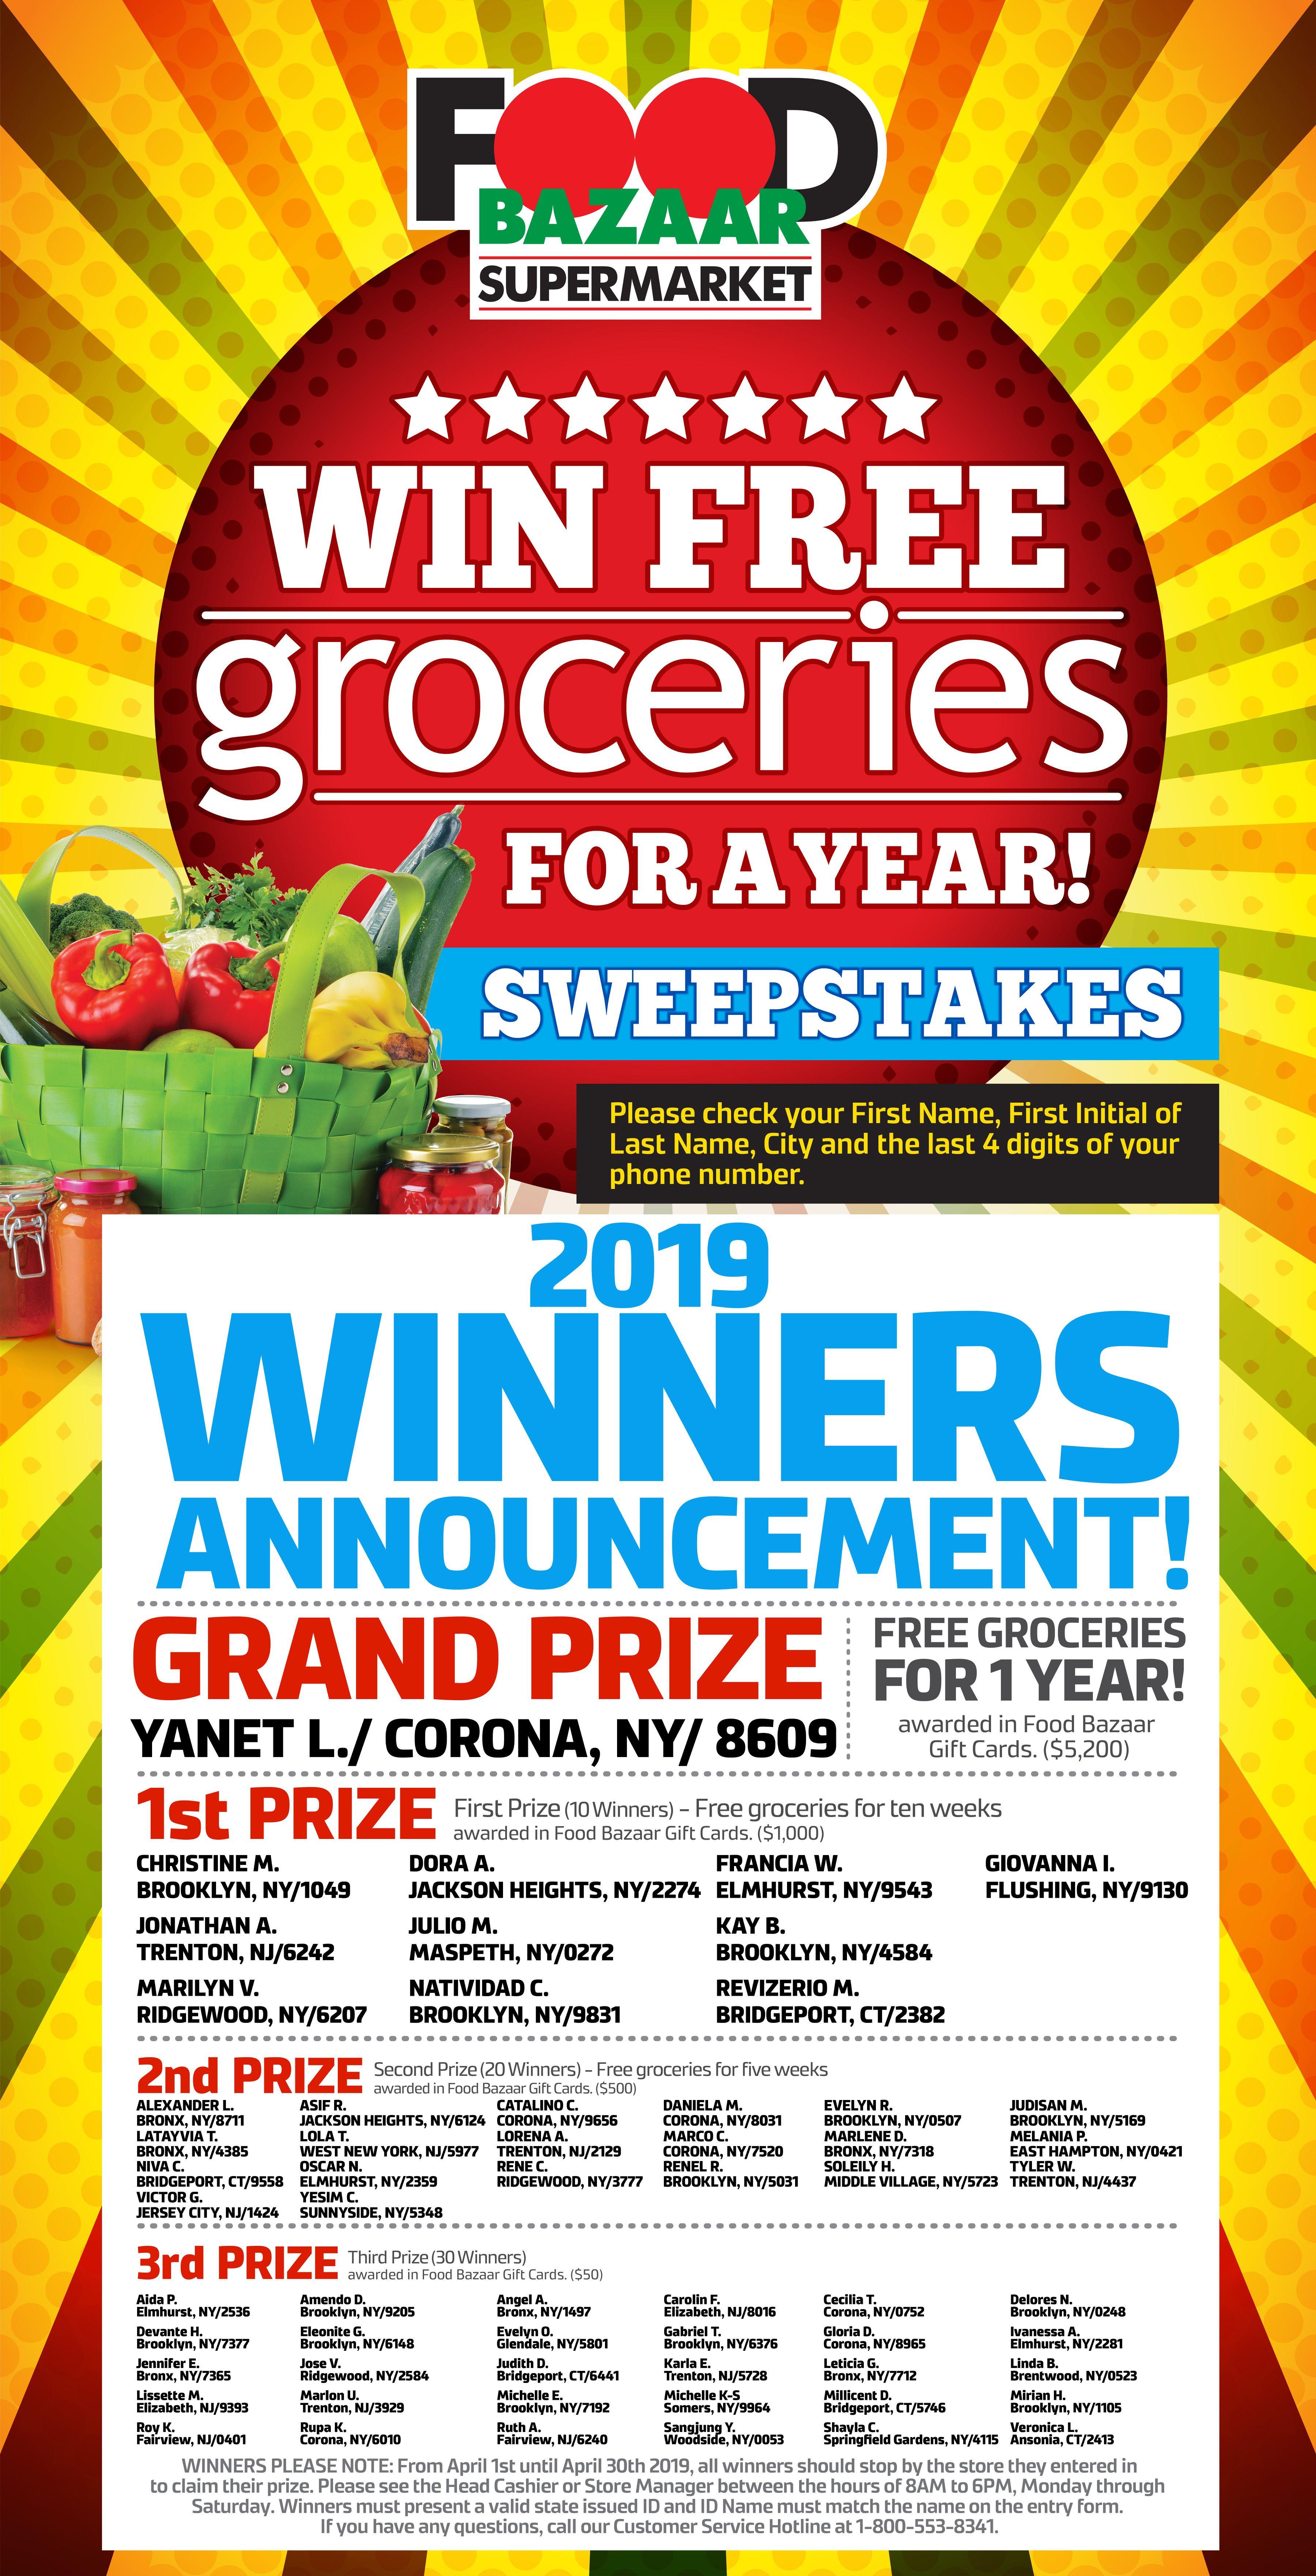 food bazaar circular next week